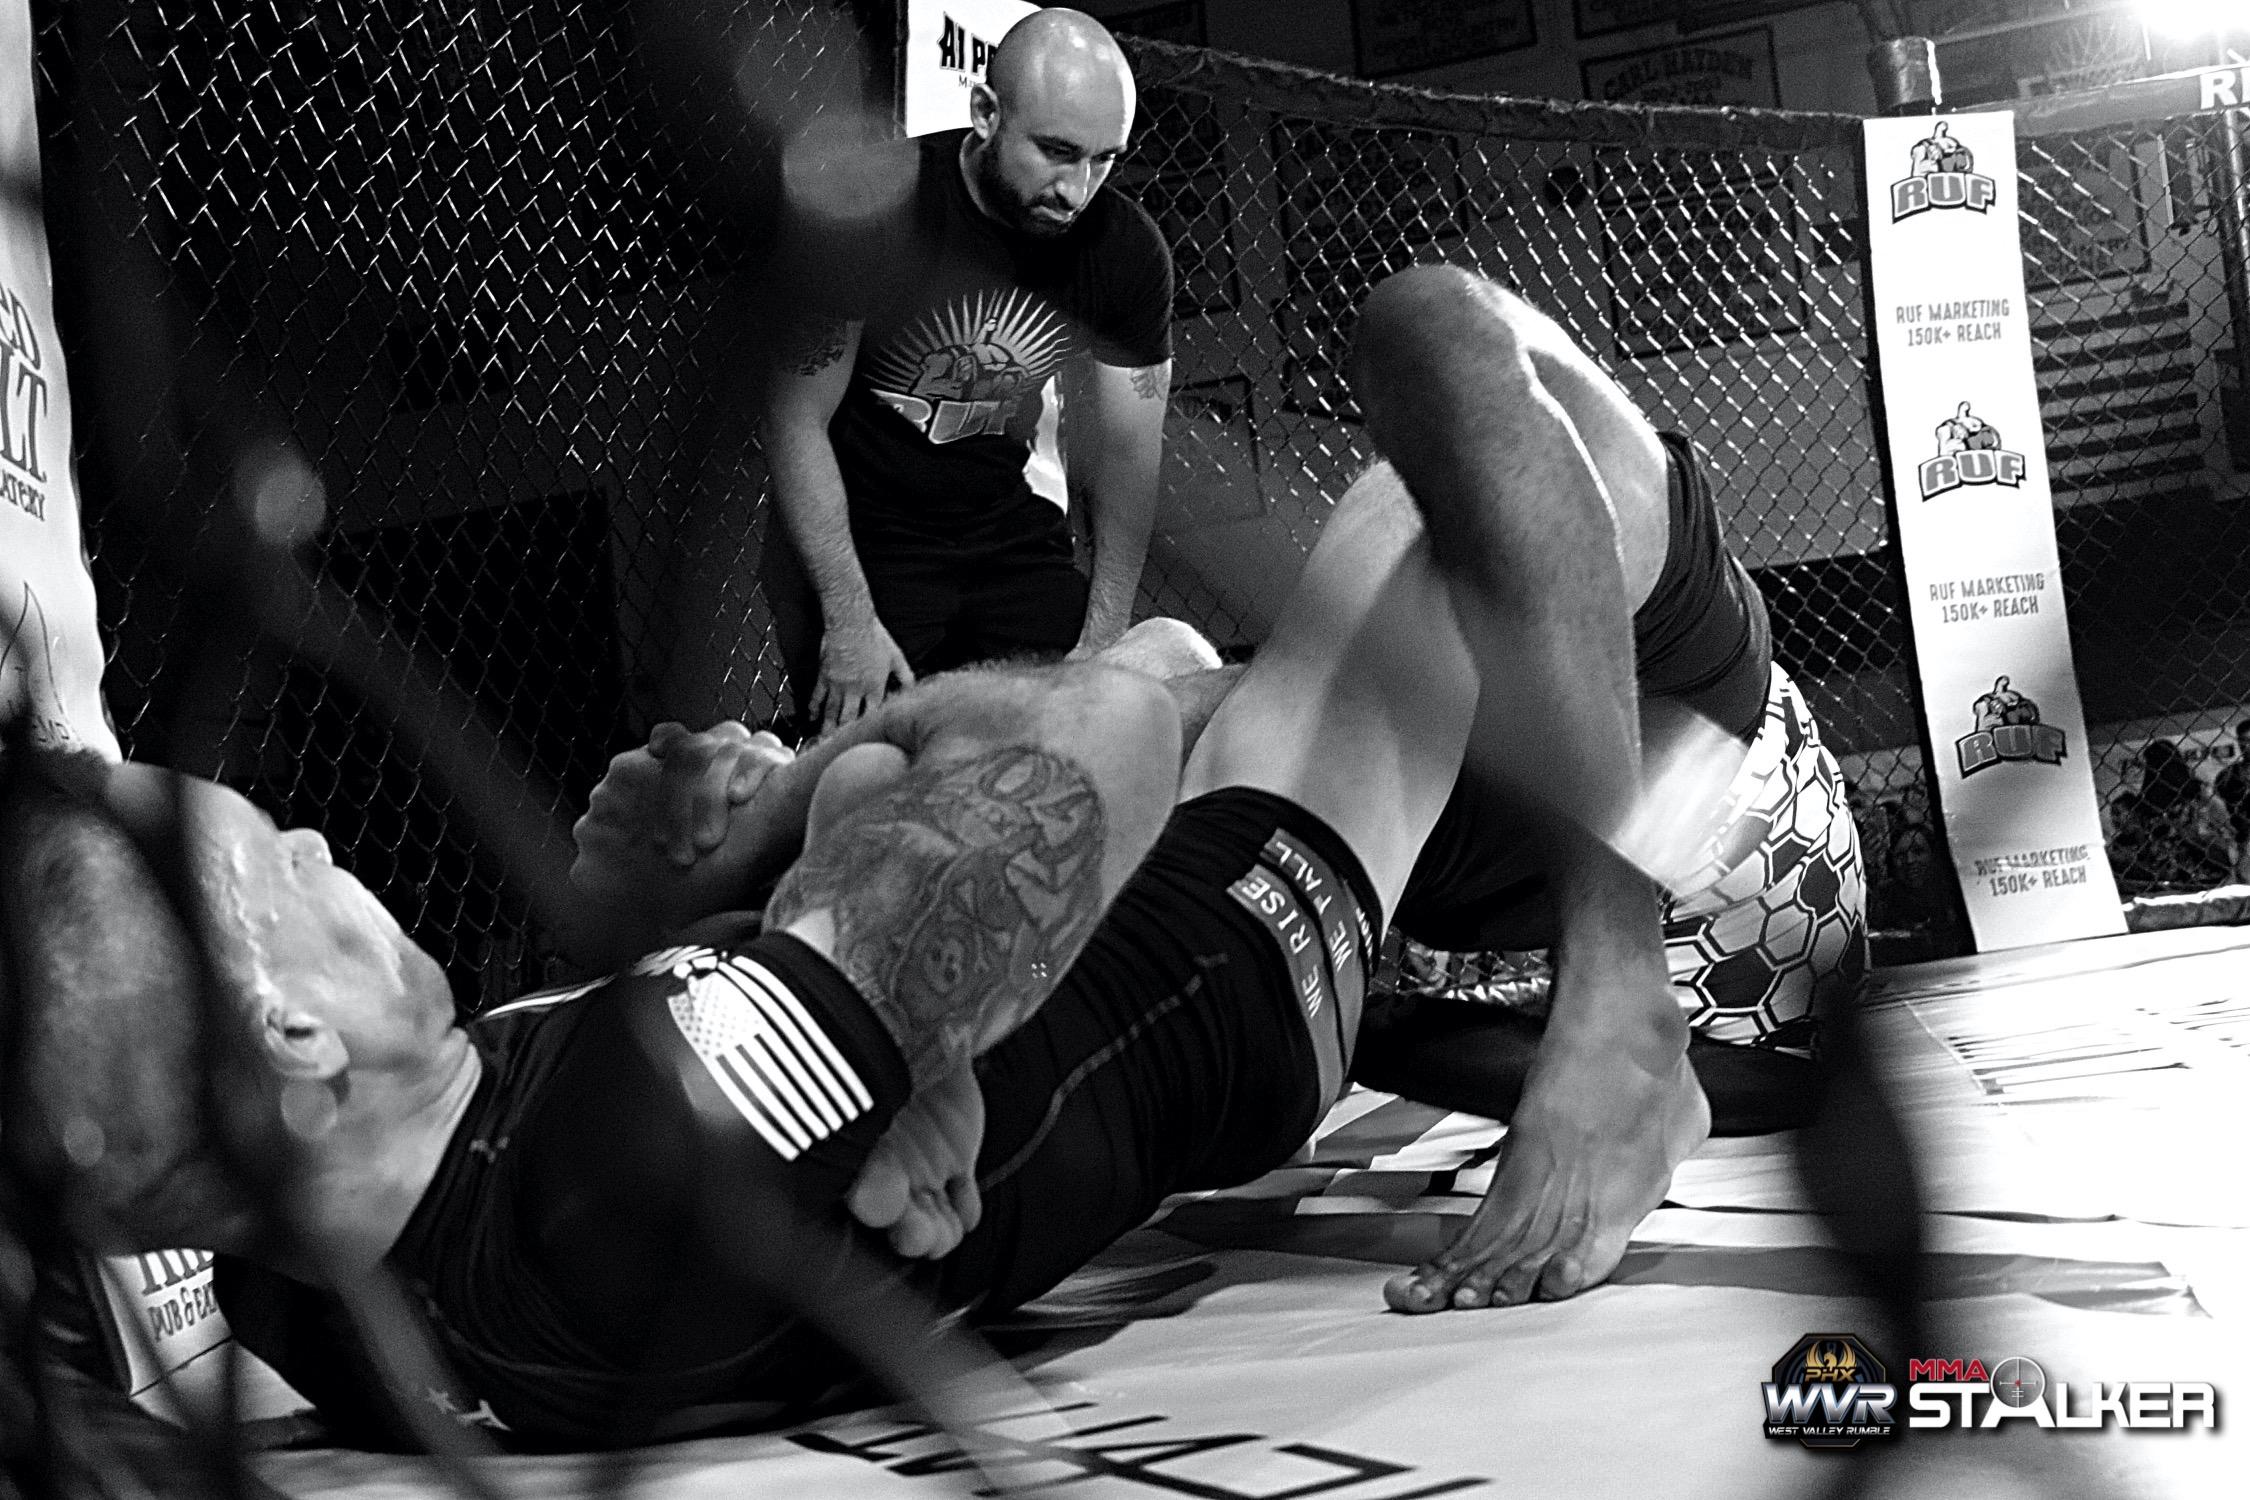 #35 - WVR June 8th - Jiu-Jitsu 180 lbs - Guilherme Neves vs Joe Murphy